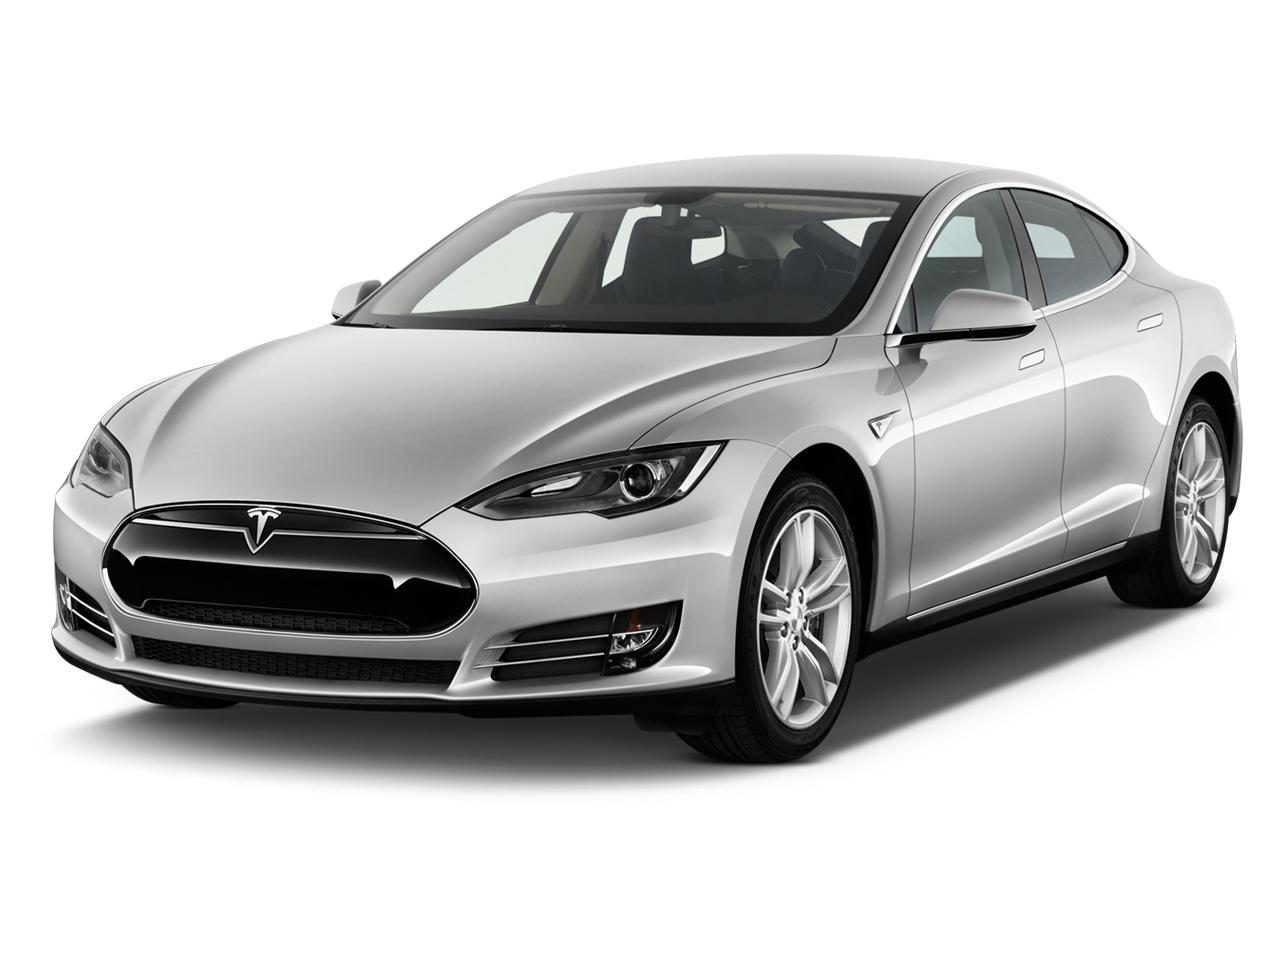 Tesla Model S Vs Porsche Panamera Compare Cars